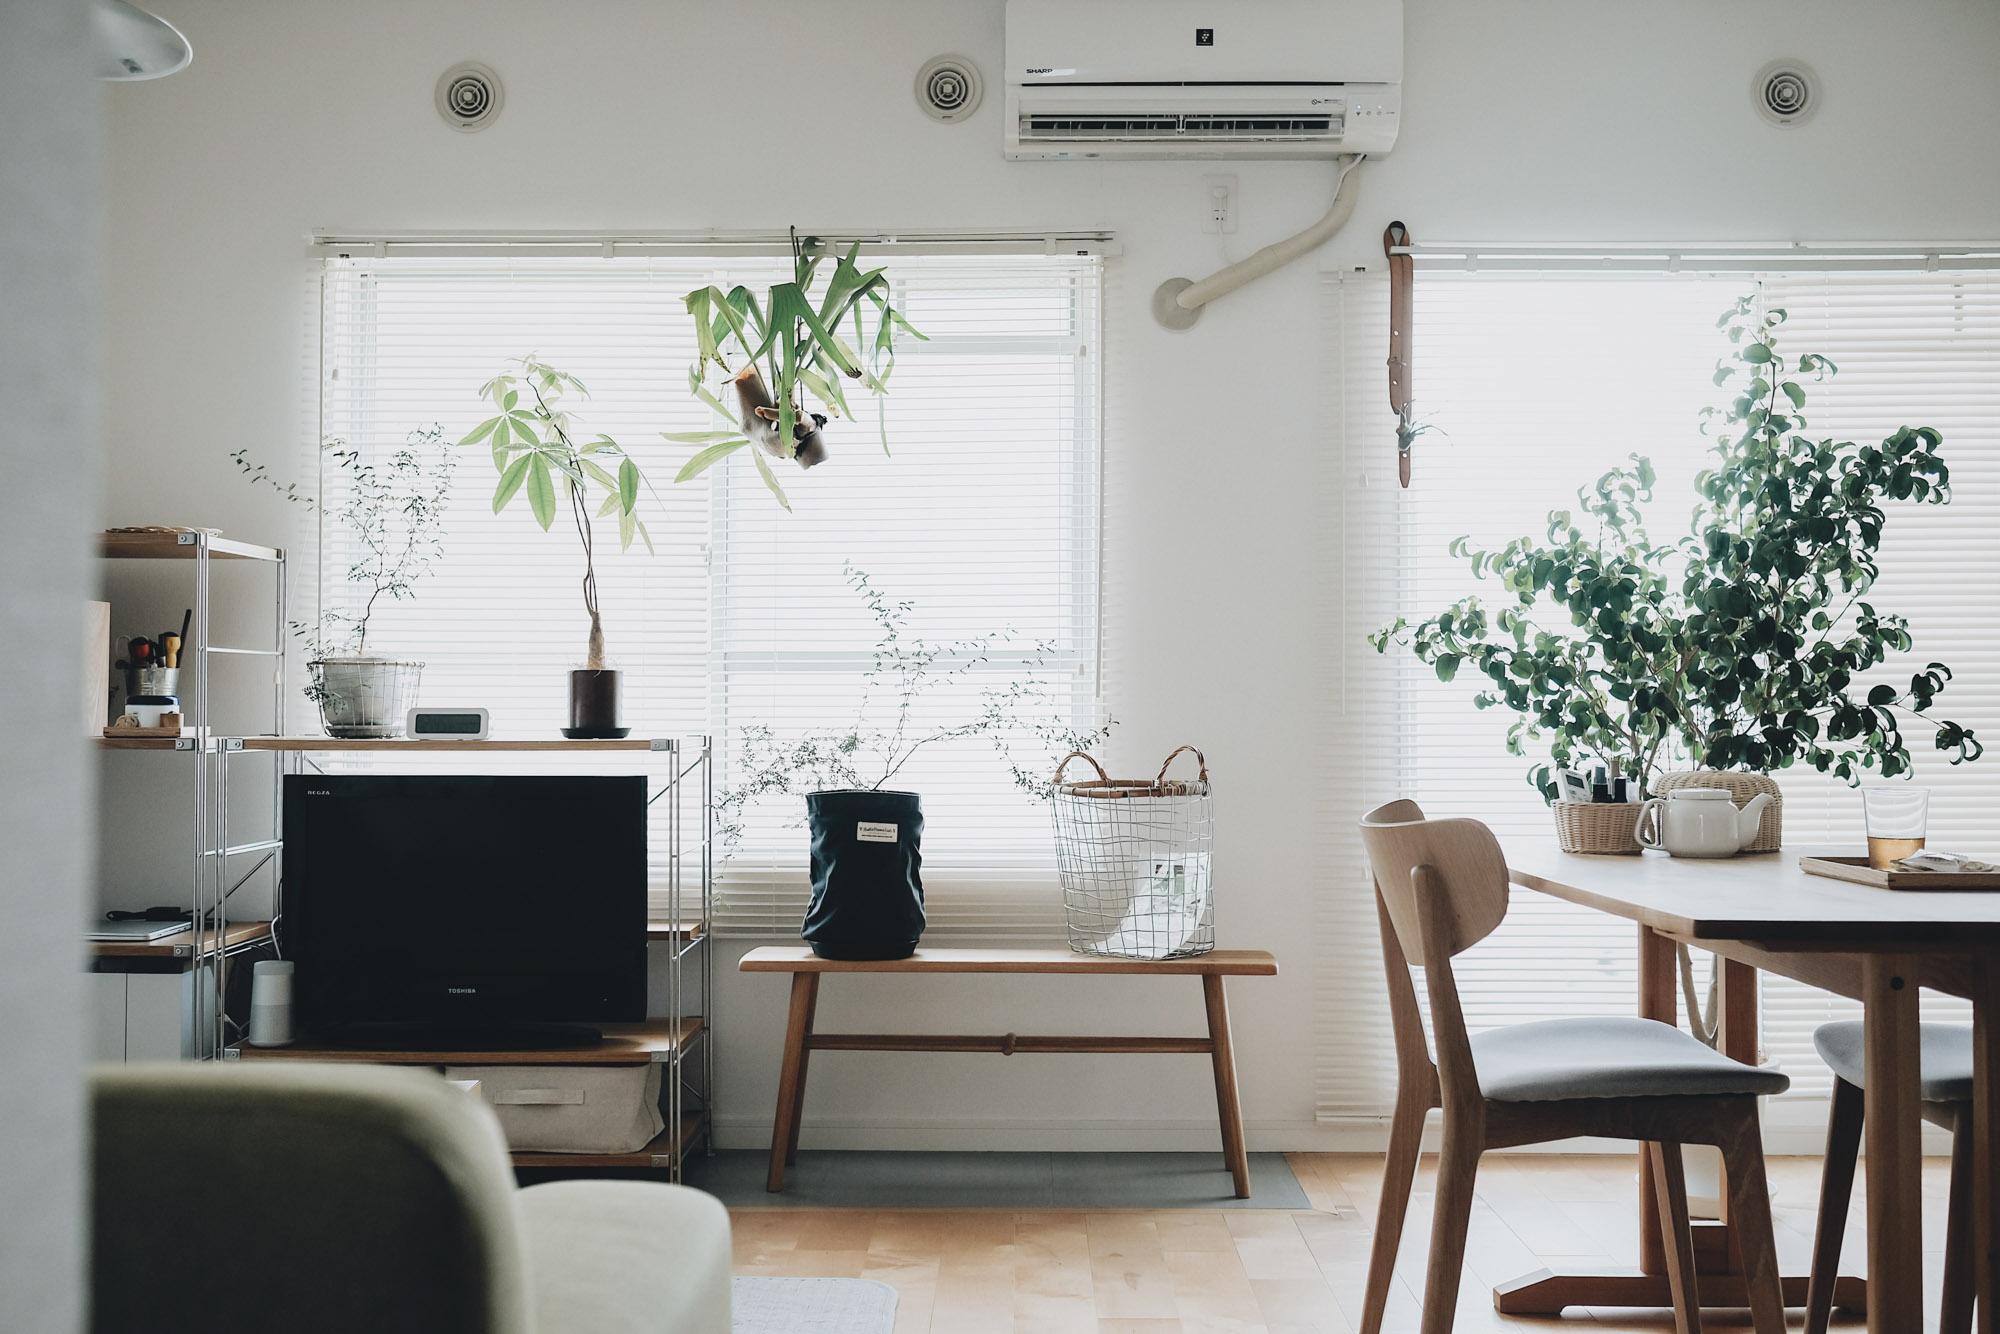 無垢フローリングにナチュラルな木の家具を合わせて、北欧風のインテリアを作られている山脇さん。